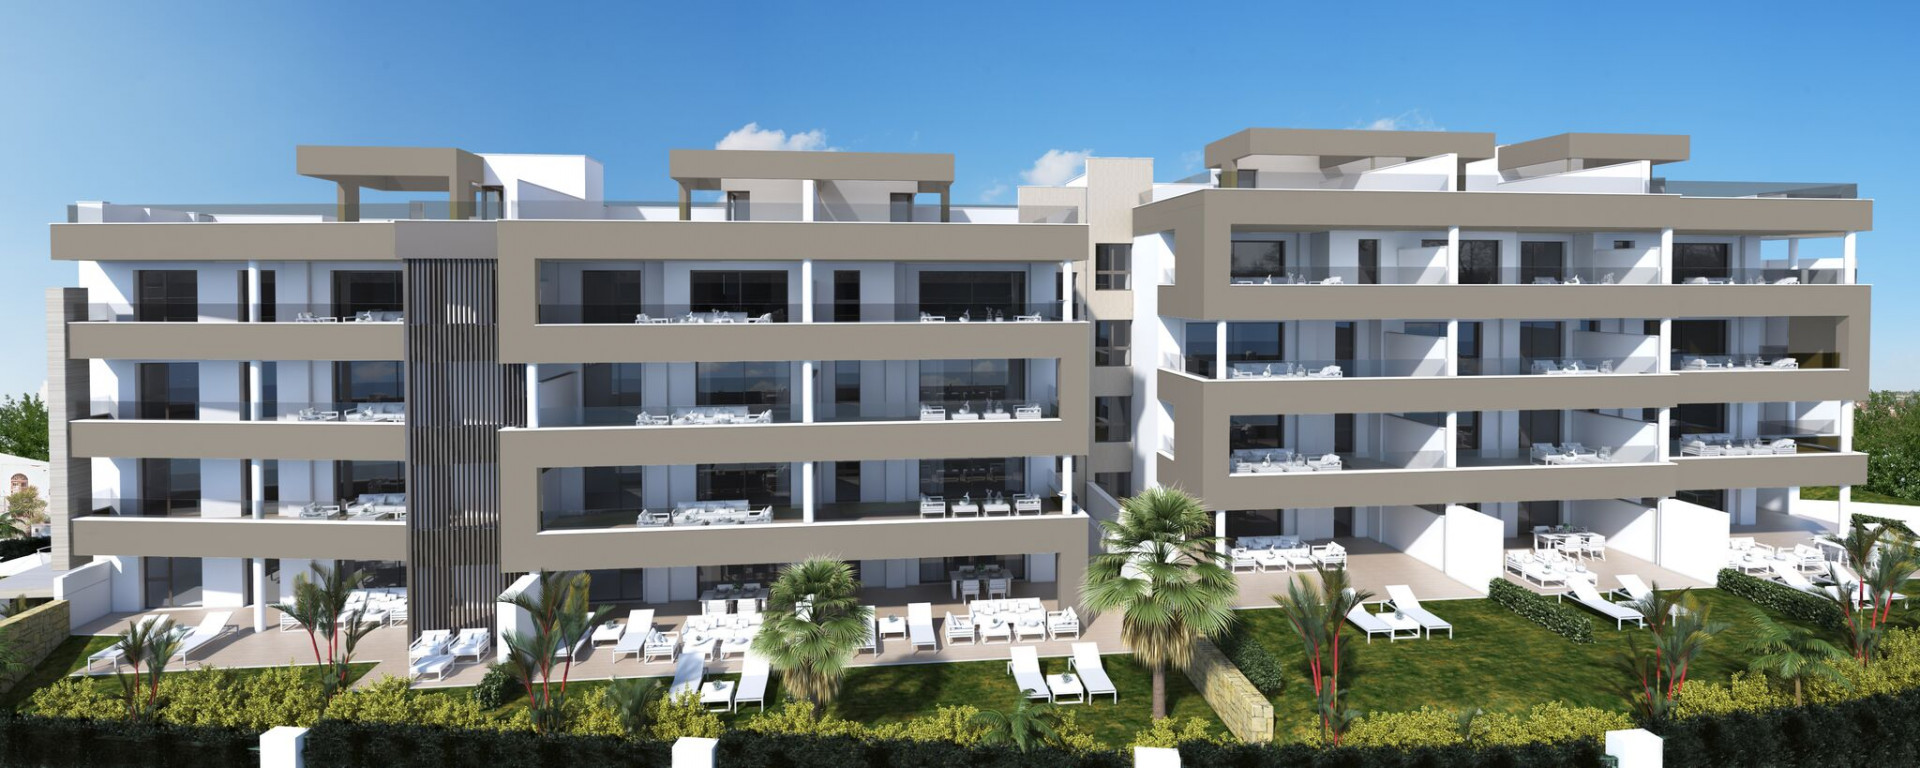 Luxe appartementen in Nueva Andalucía – Puerto Banús costa del sol